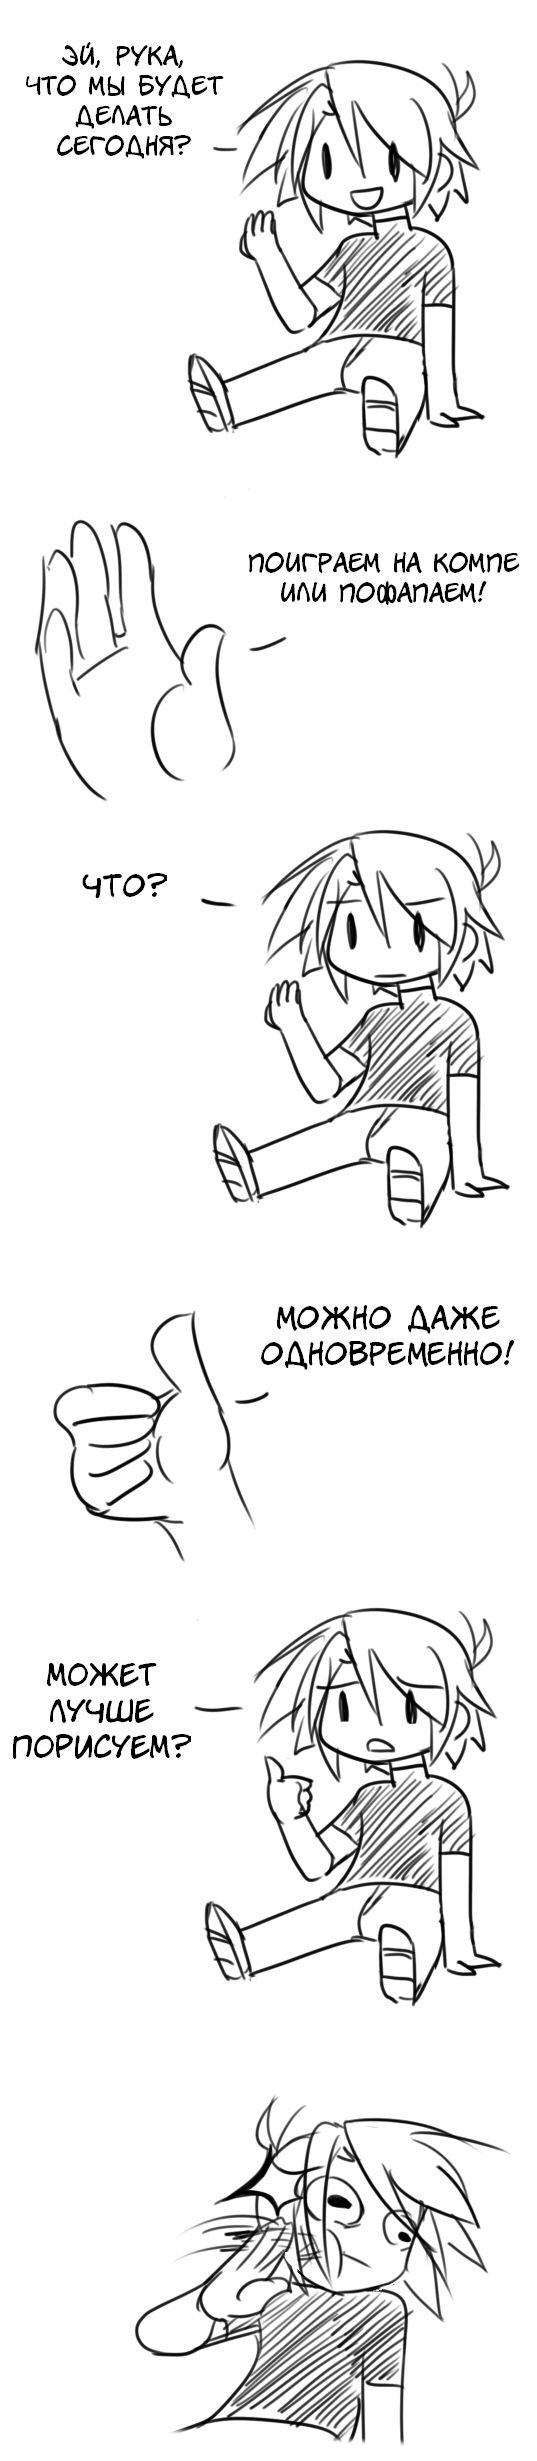 Комиксы 13.08.2014